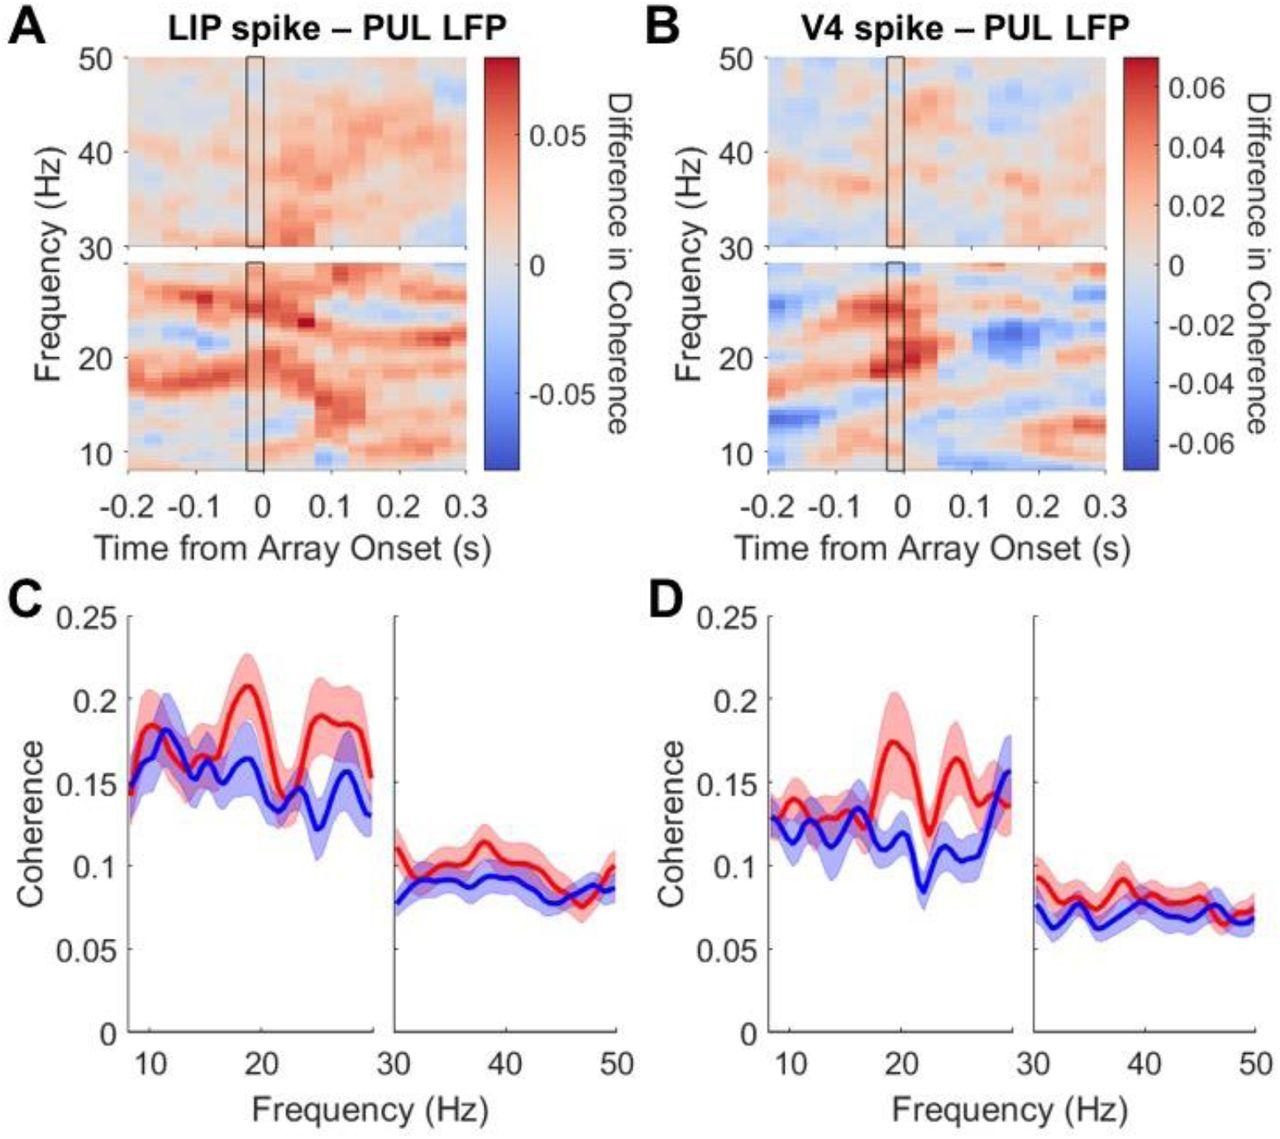 Pulvinar influences parietal delay activity and information